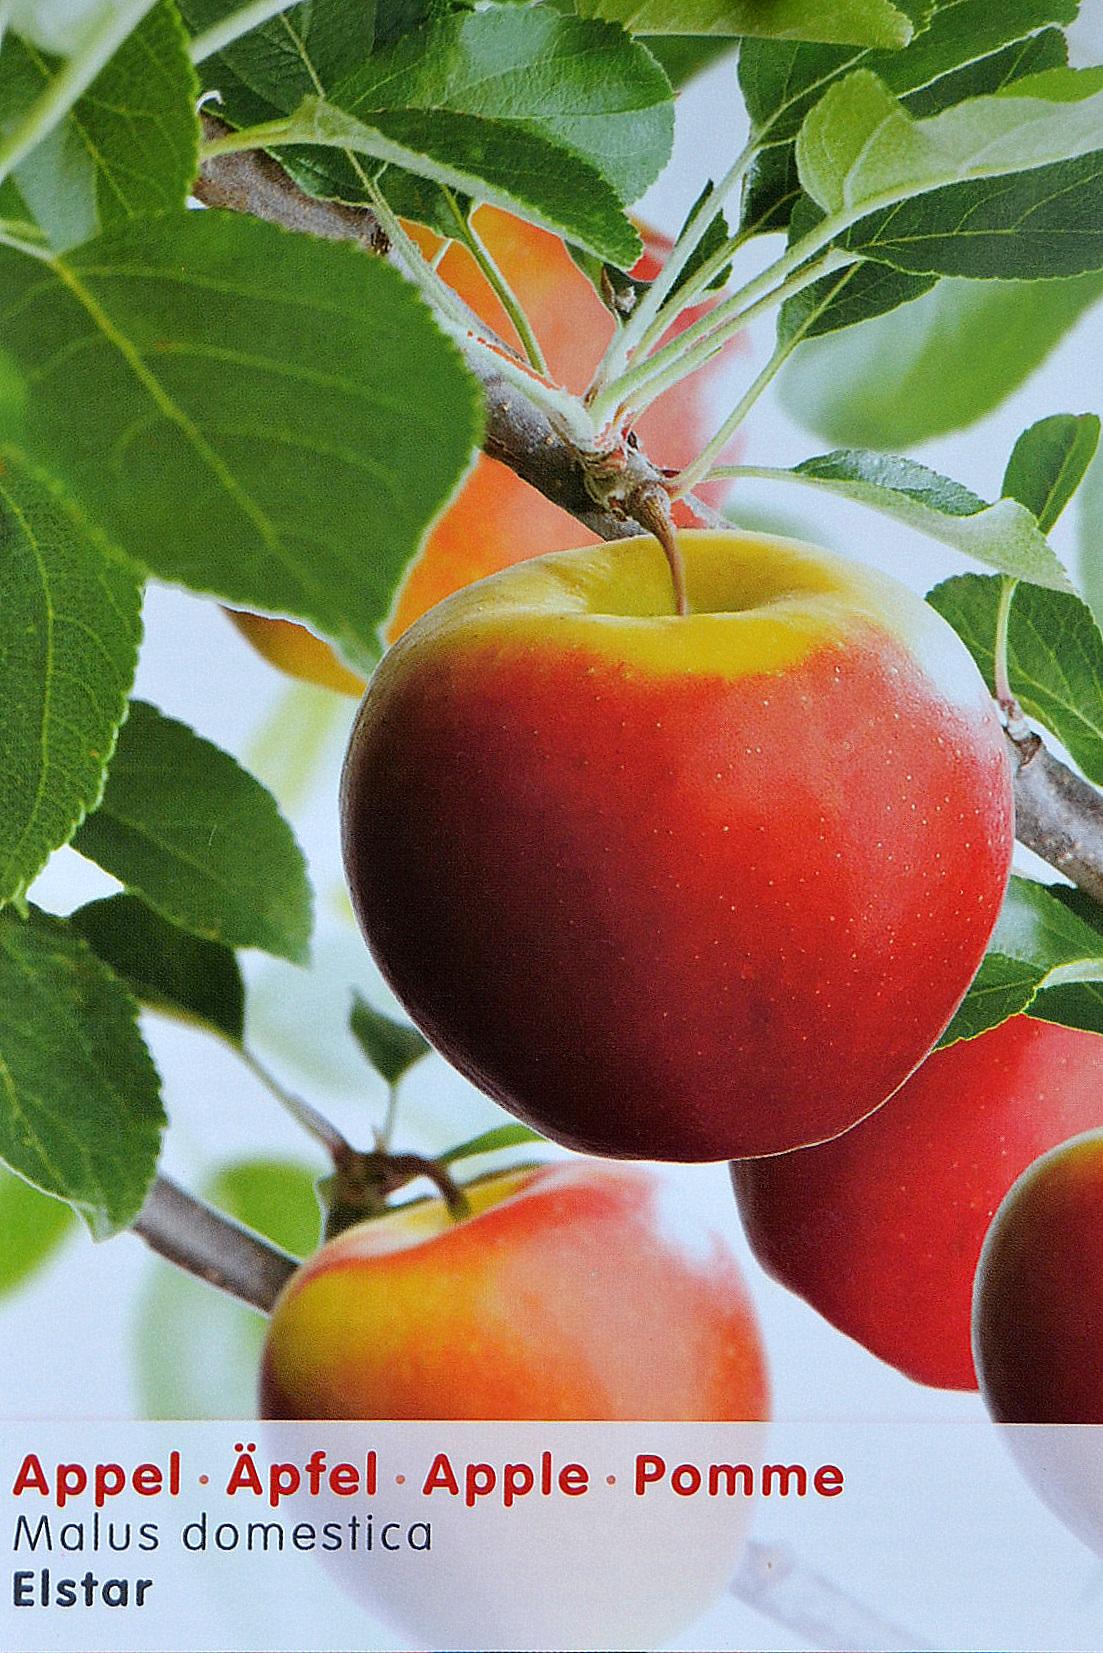 Bekend Ik wil graag fruitbomen in mijn tuin. Hoe maak ik de juiste keuze  @AE66